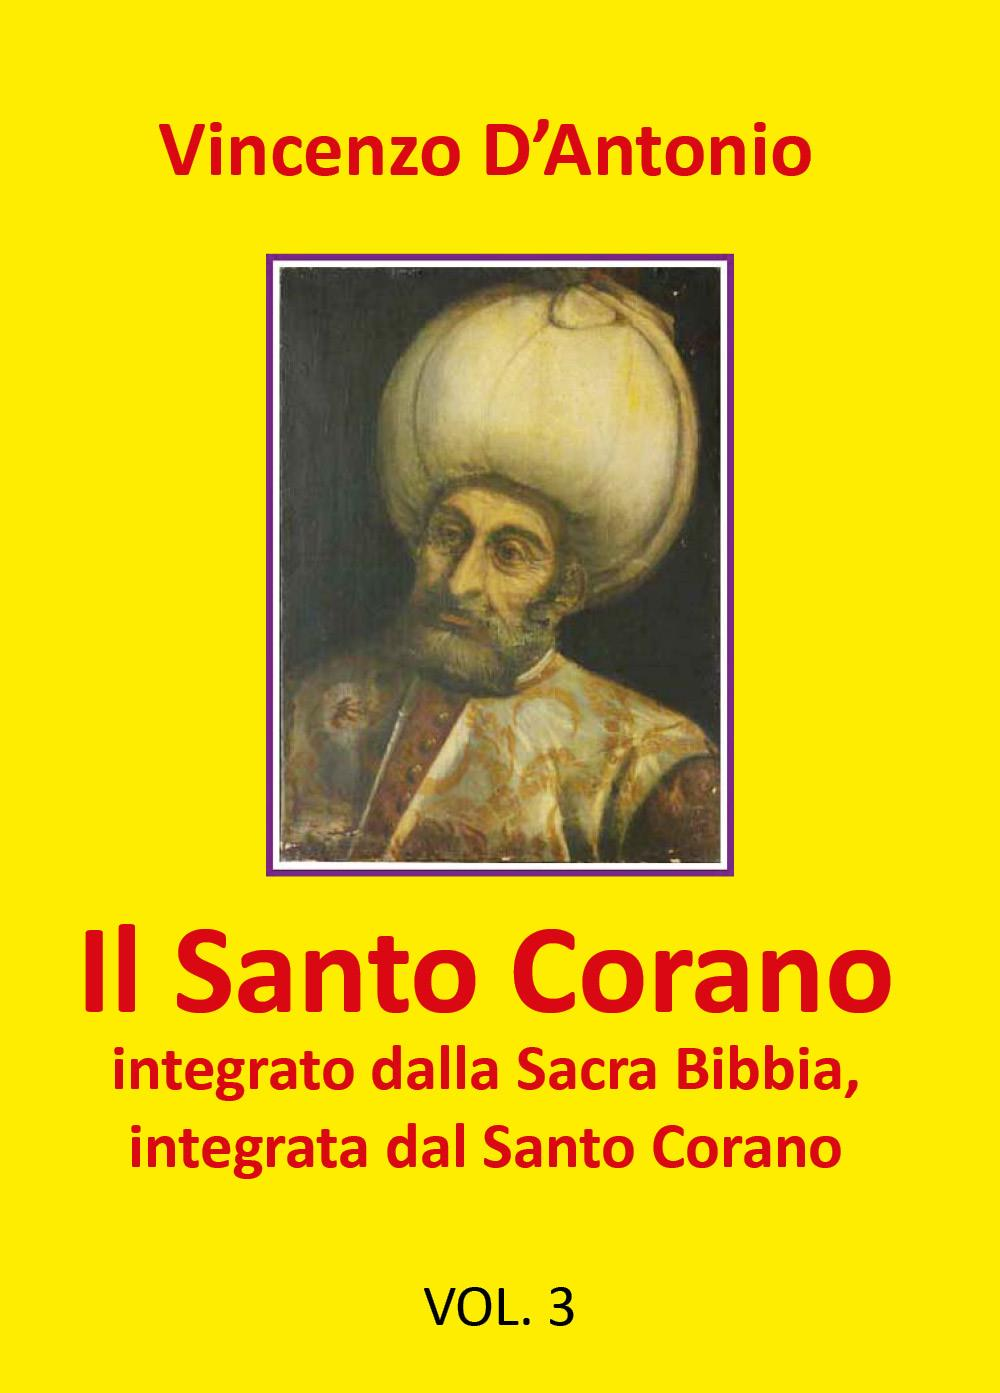 Il Santo Corano integrato dalla Sacra Bibbia, integrata dal Santo Corano. Vol. 3